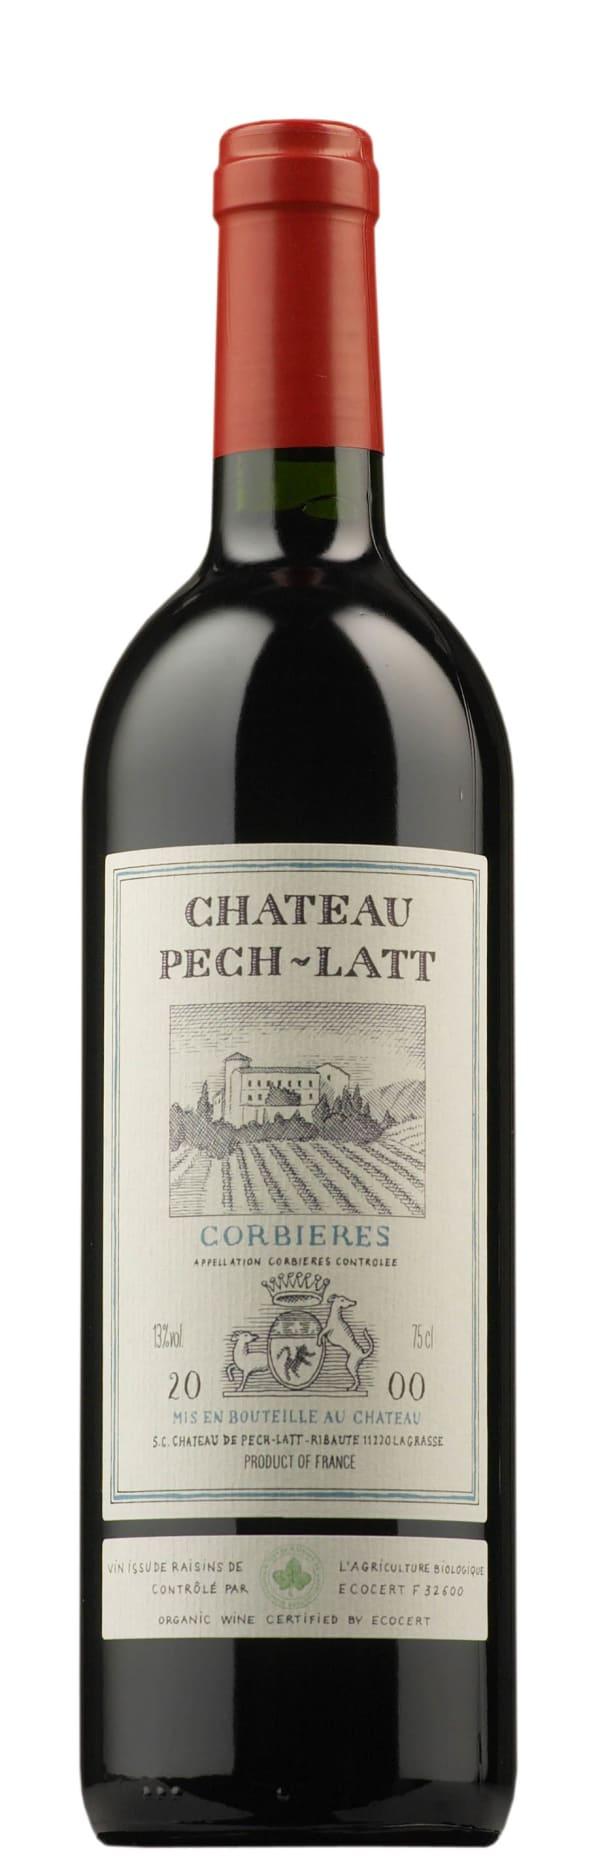 Château Pech-Latt 2017